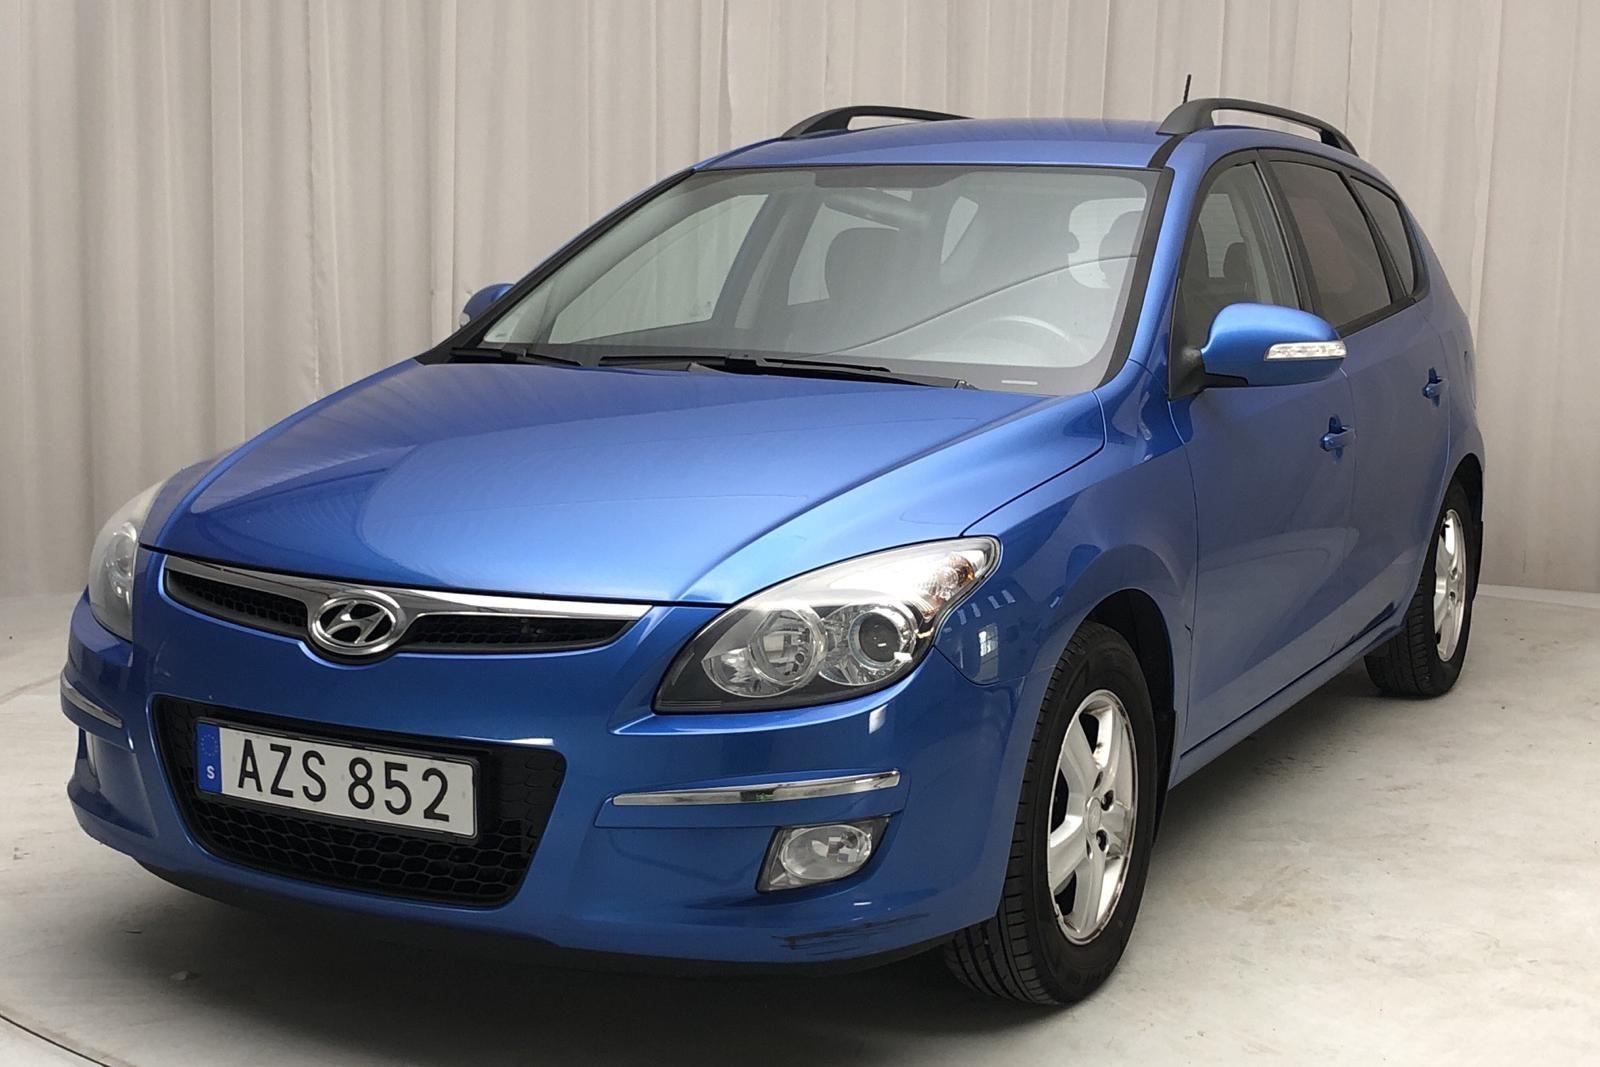 Hyundai i30 1.6 CRDi Kombi (115hk)